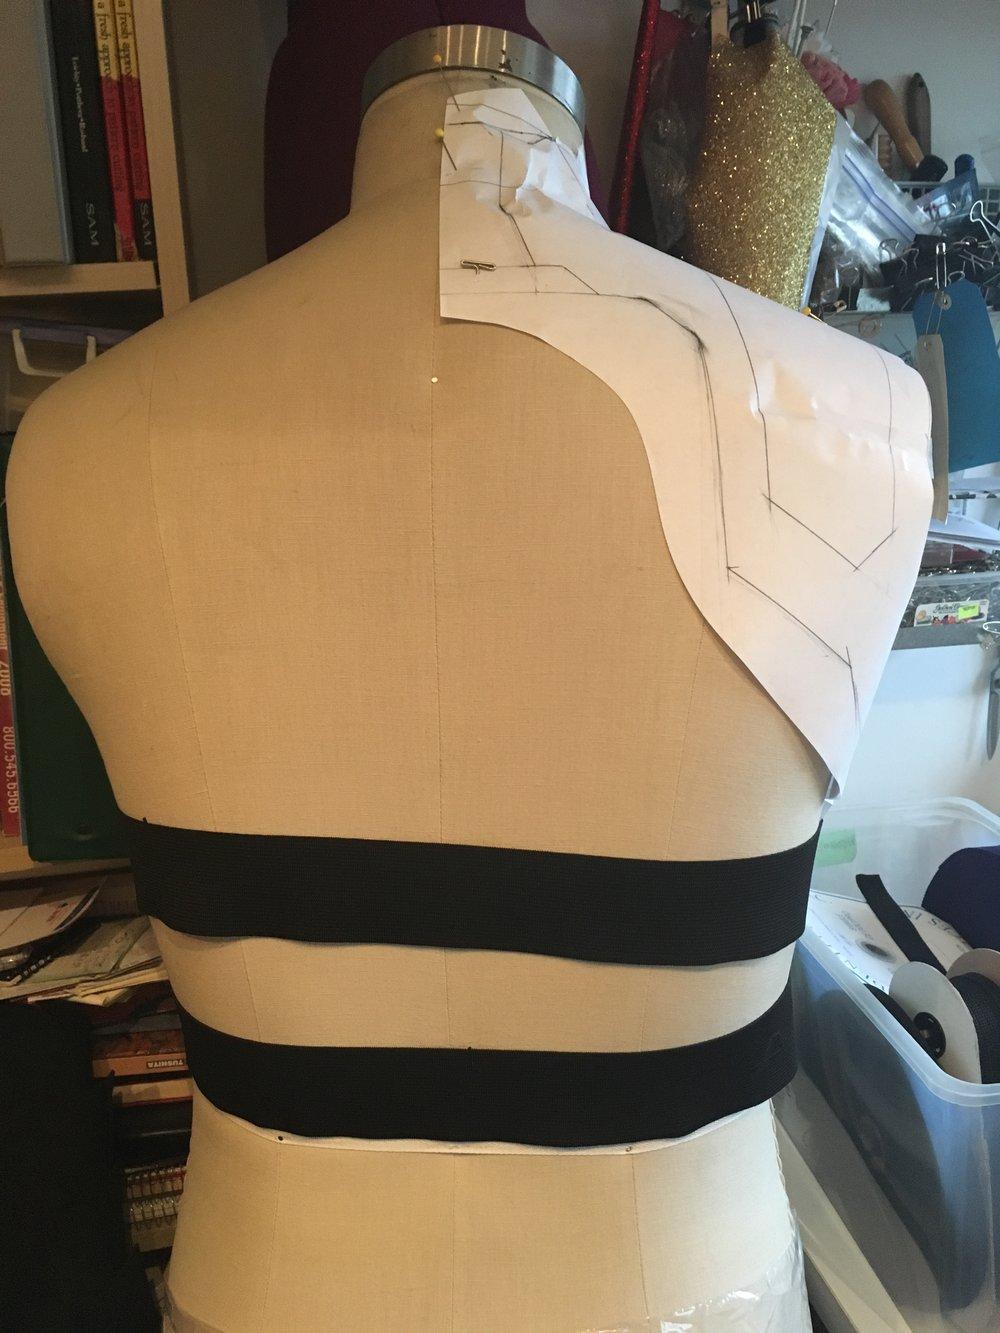 OG Kovacs - Body Harness - Patterning